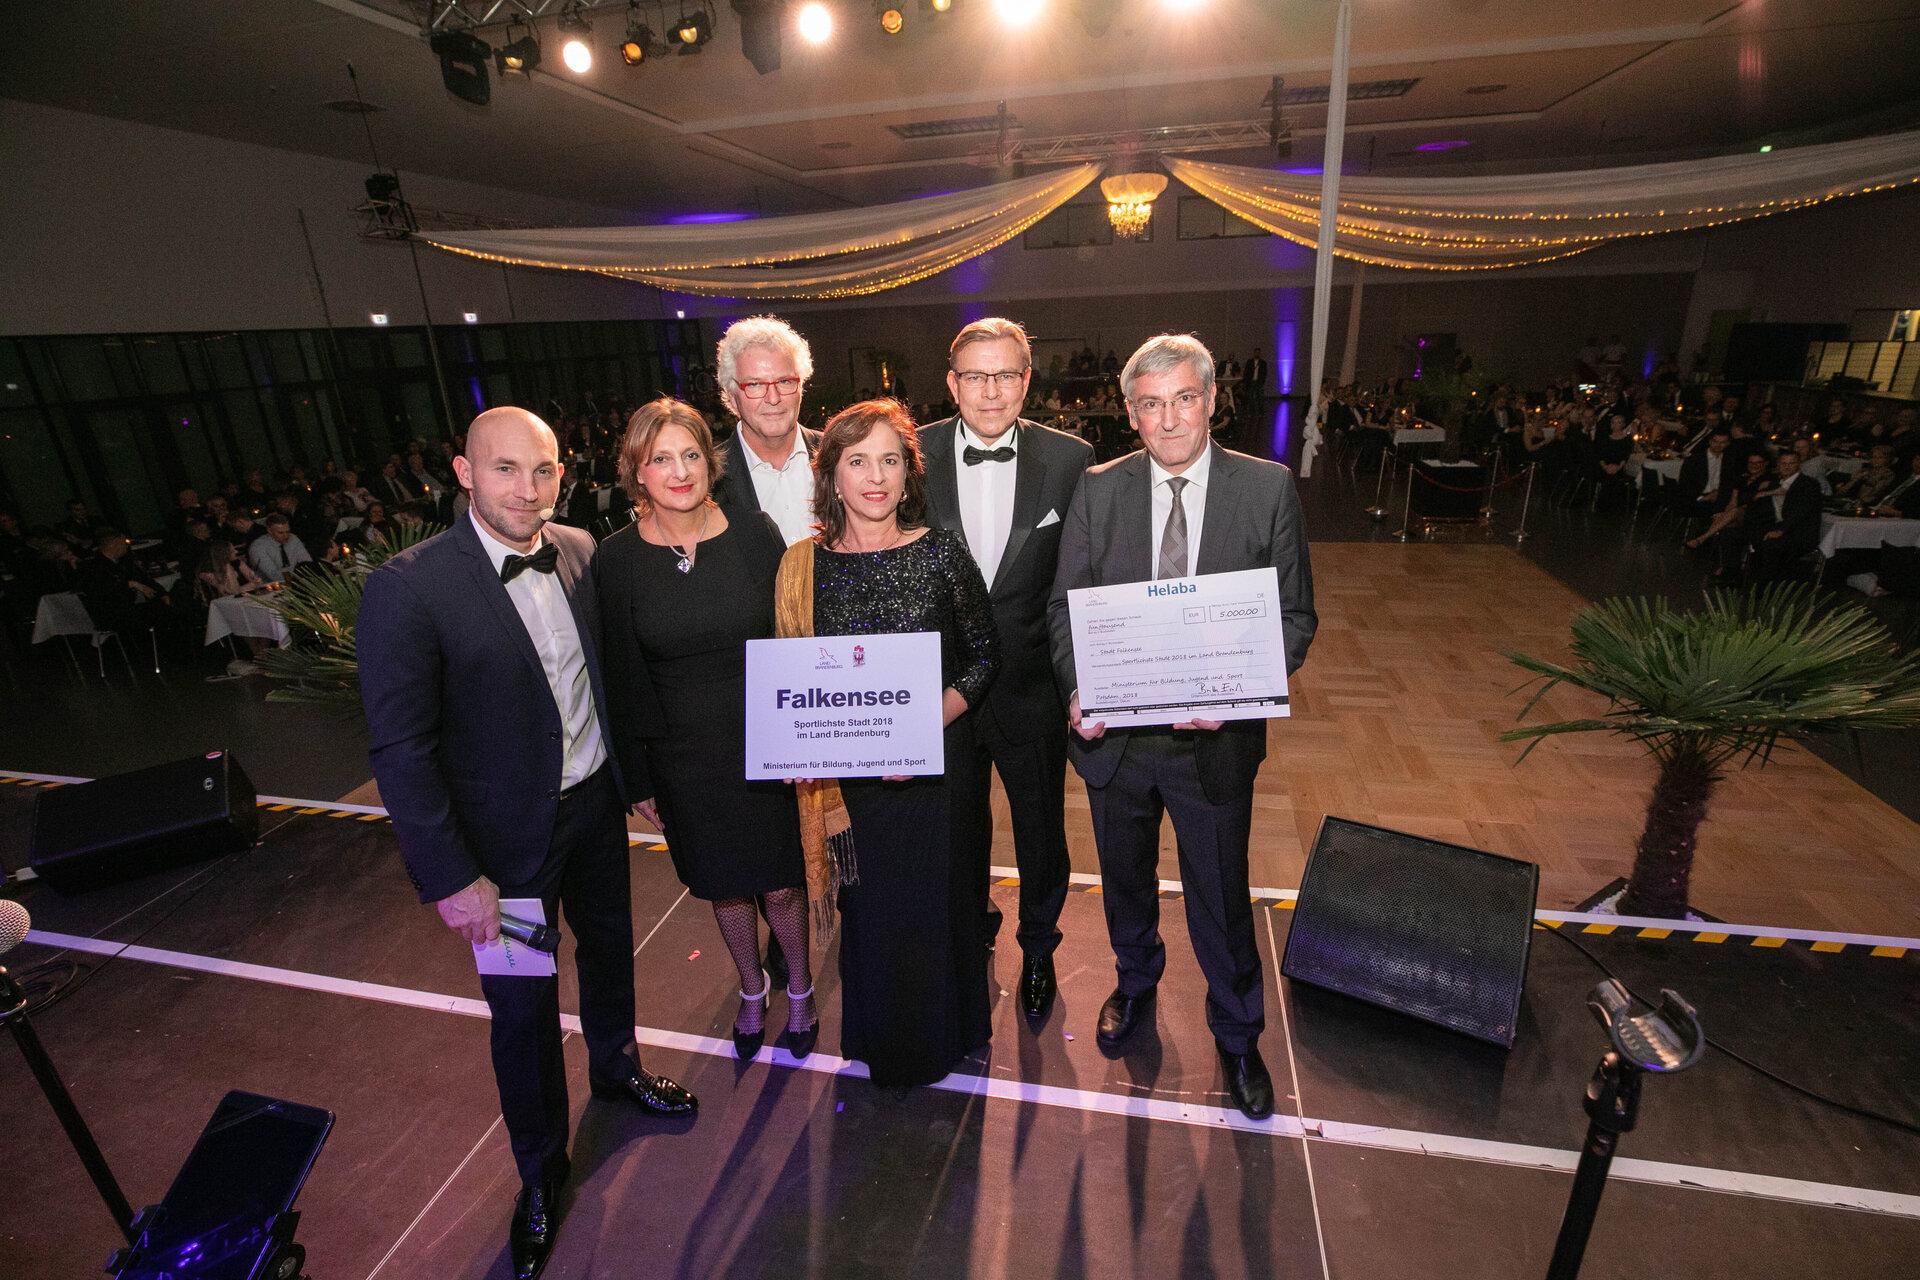 November 2018: Falkensee ist offiziell Brandenburgs sportlichste Stadt 2018 (Quelle: Stadtarchiv).